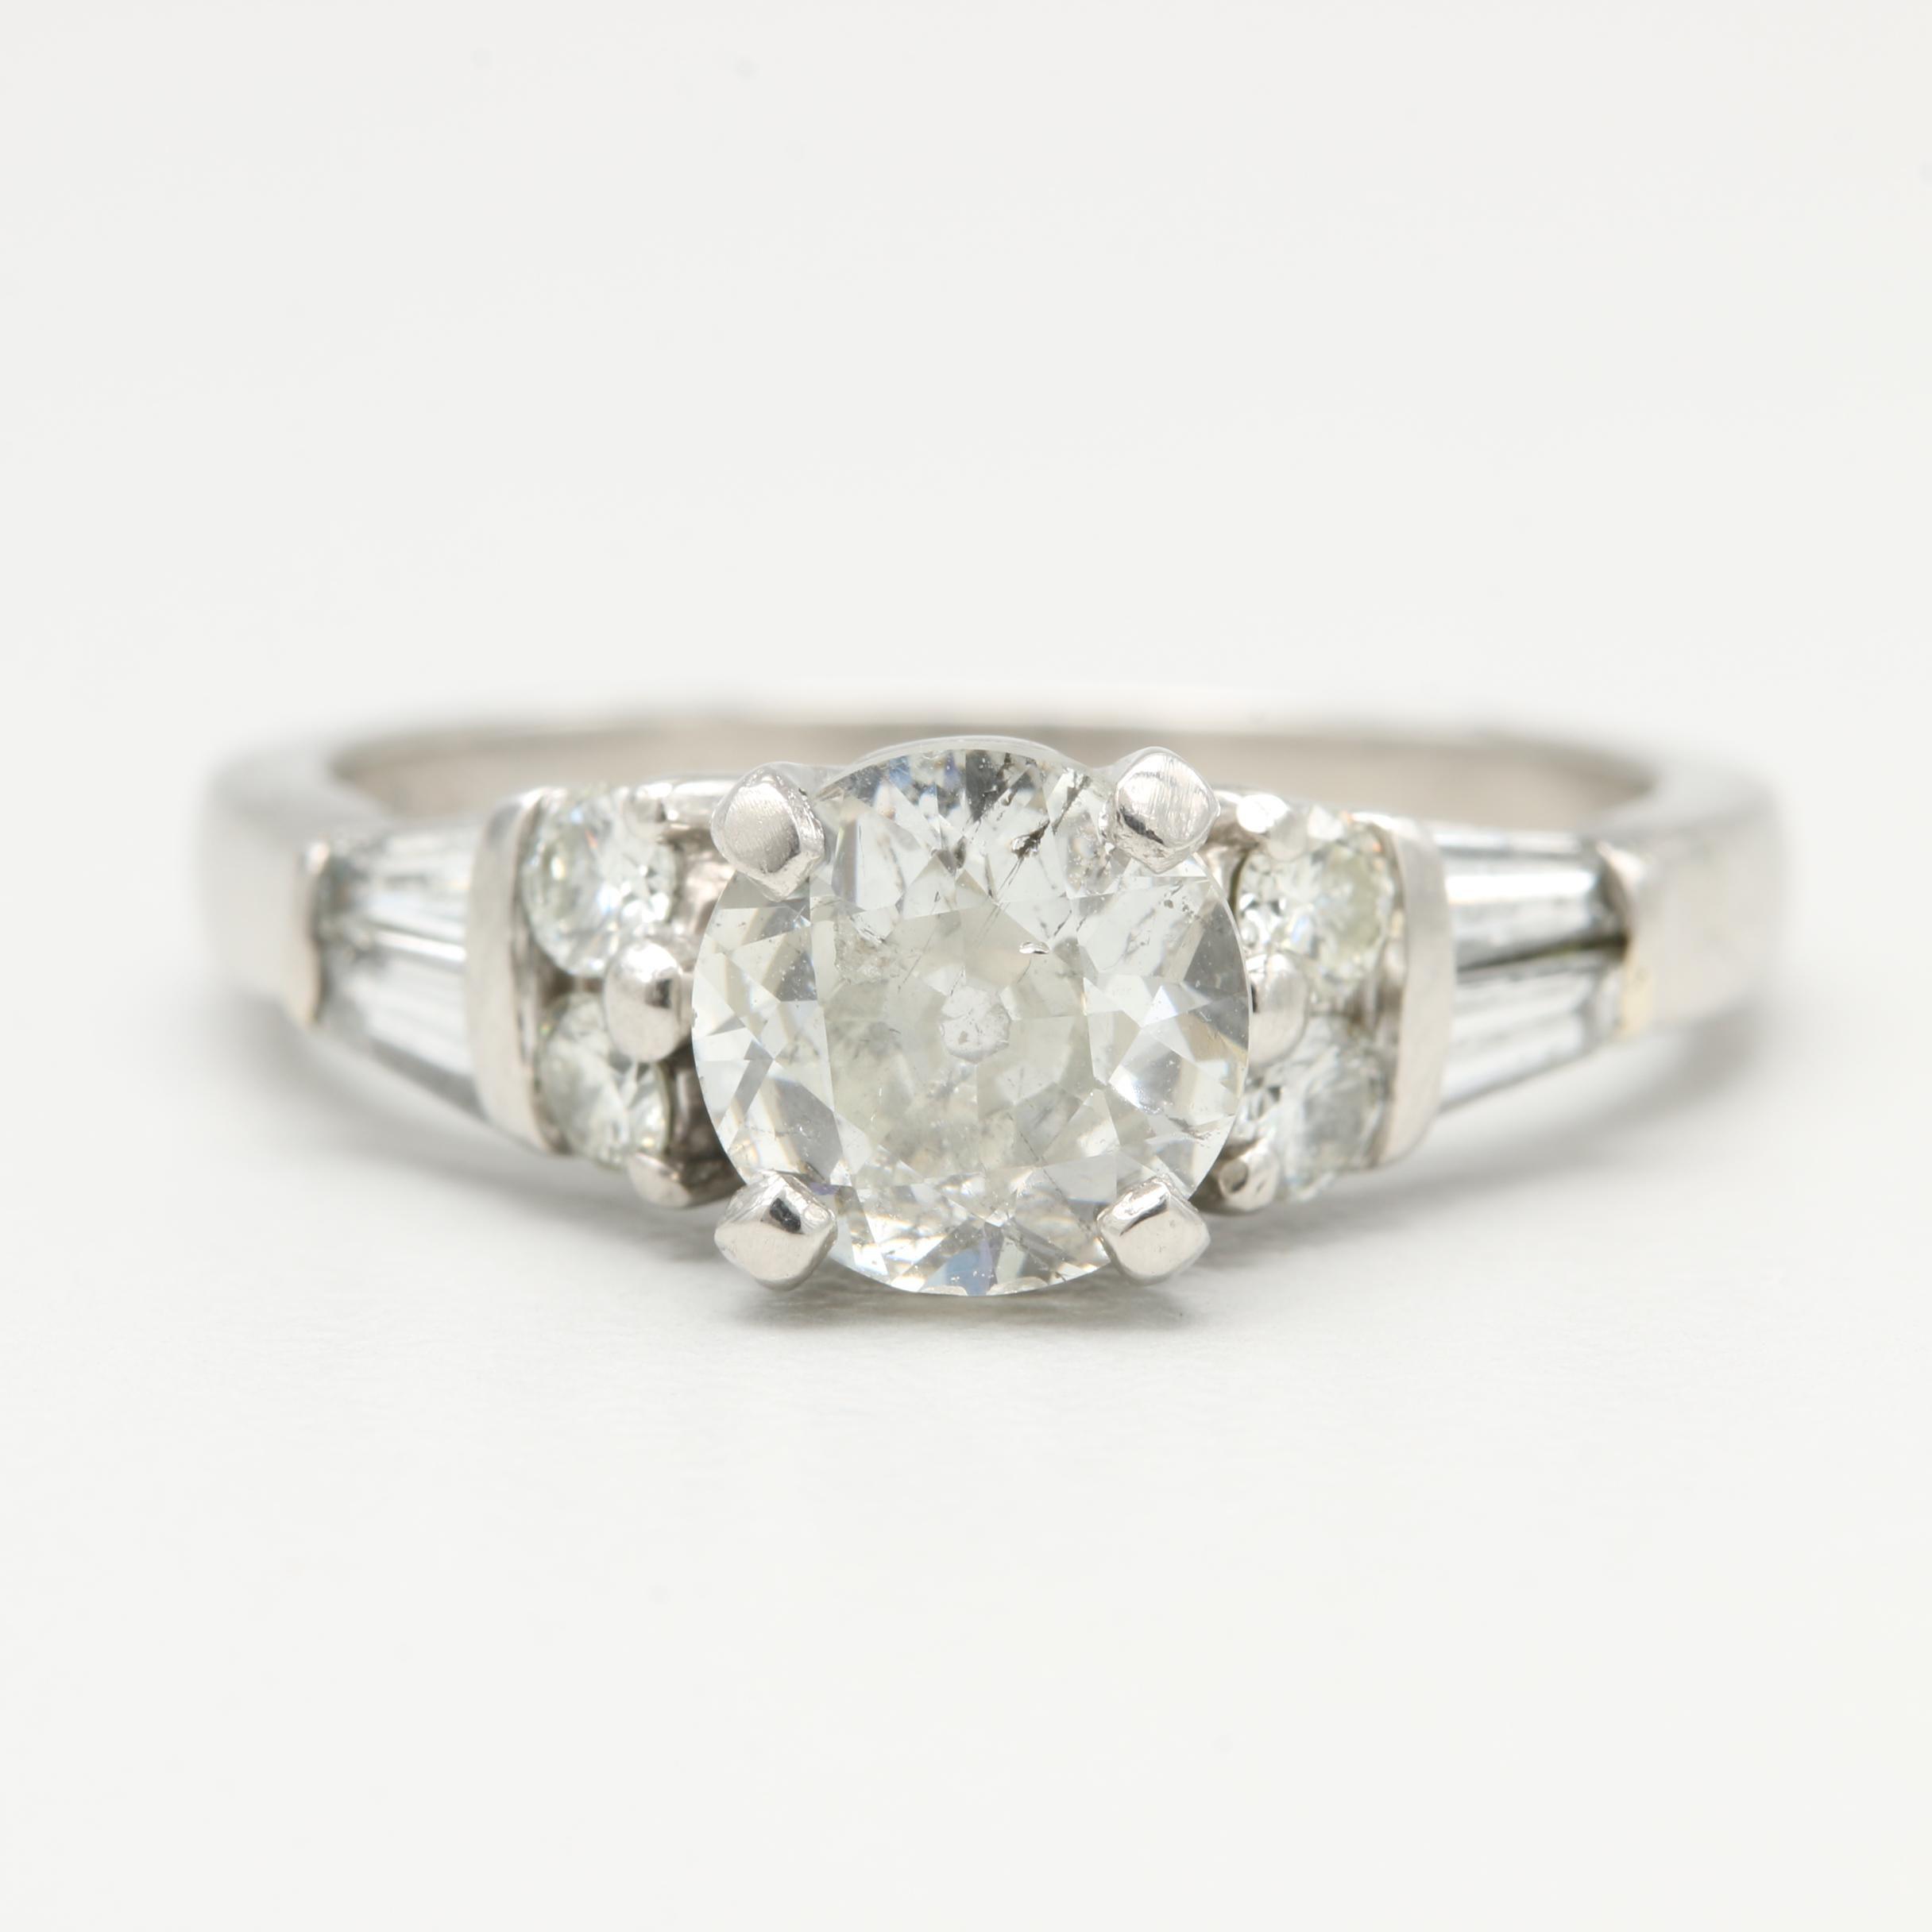 Platinum 1.45 CTW Diamond Ring